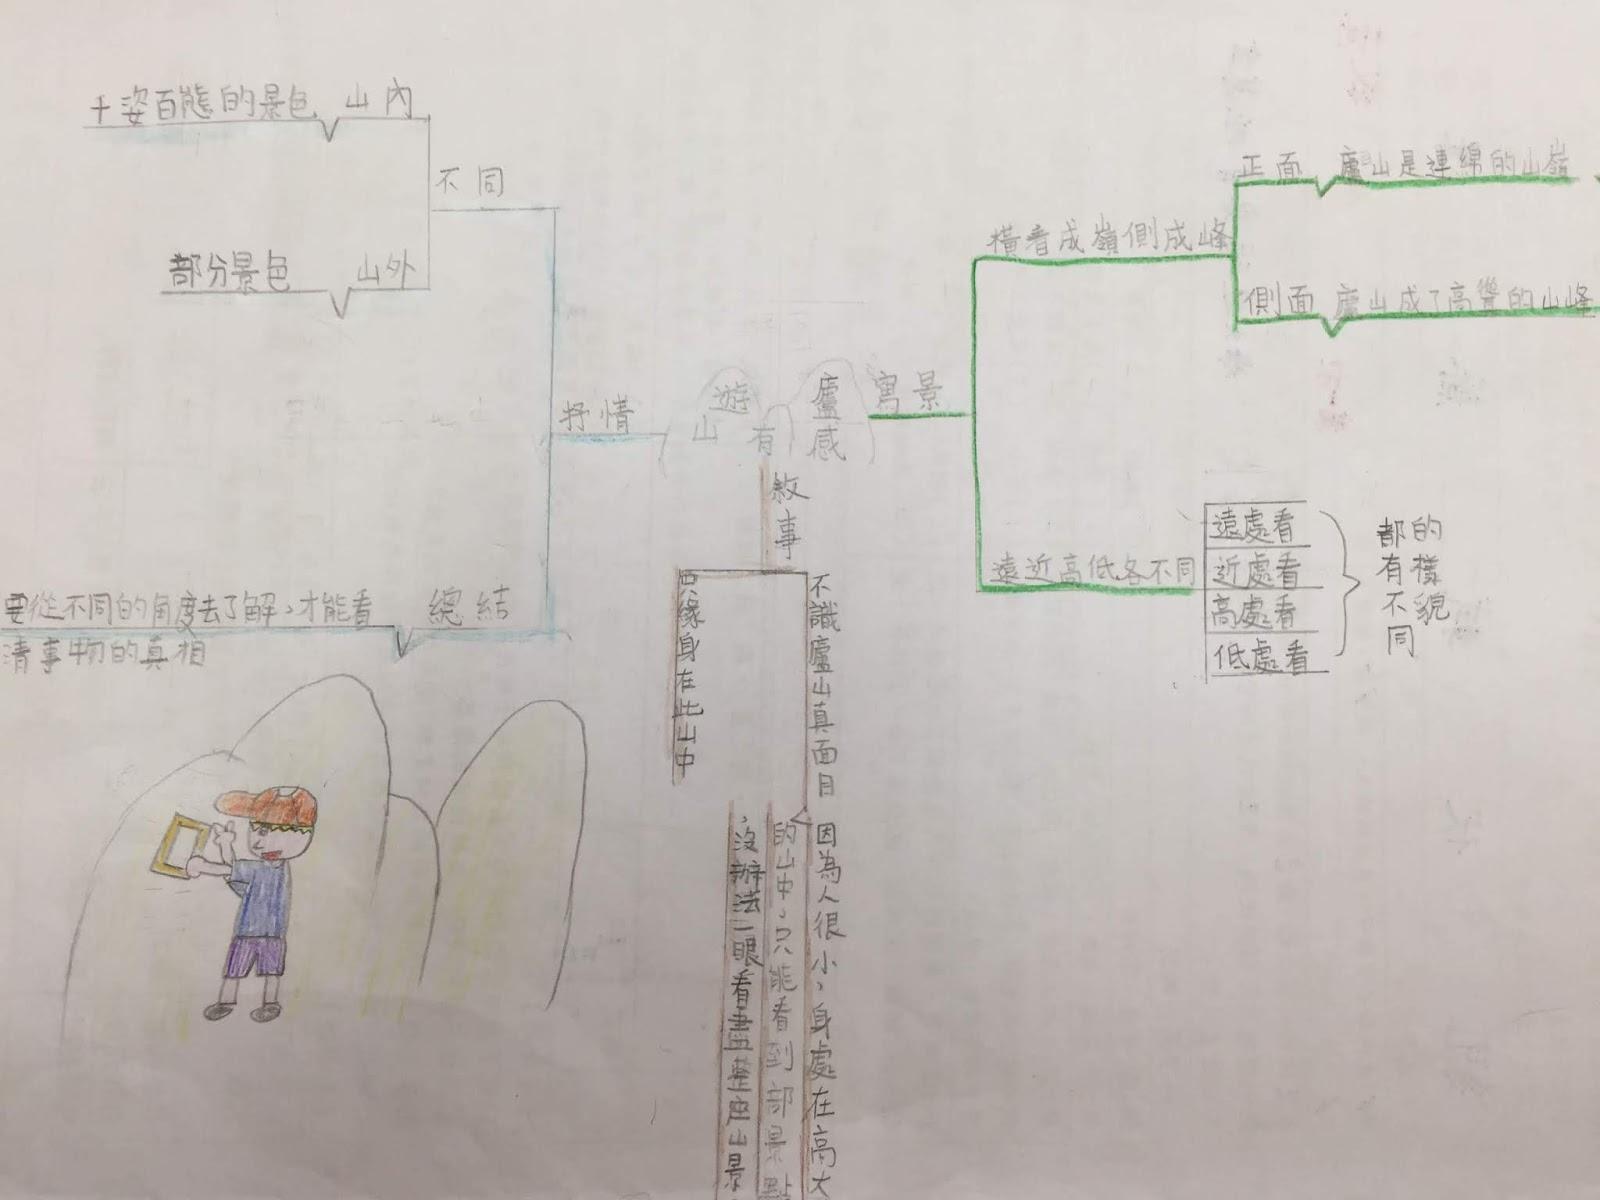 翻轉吧!課堂: 國語MAPS教學:翰林四下第七課 遊廬山有感